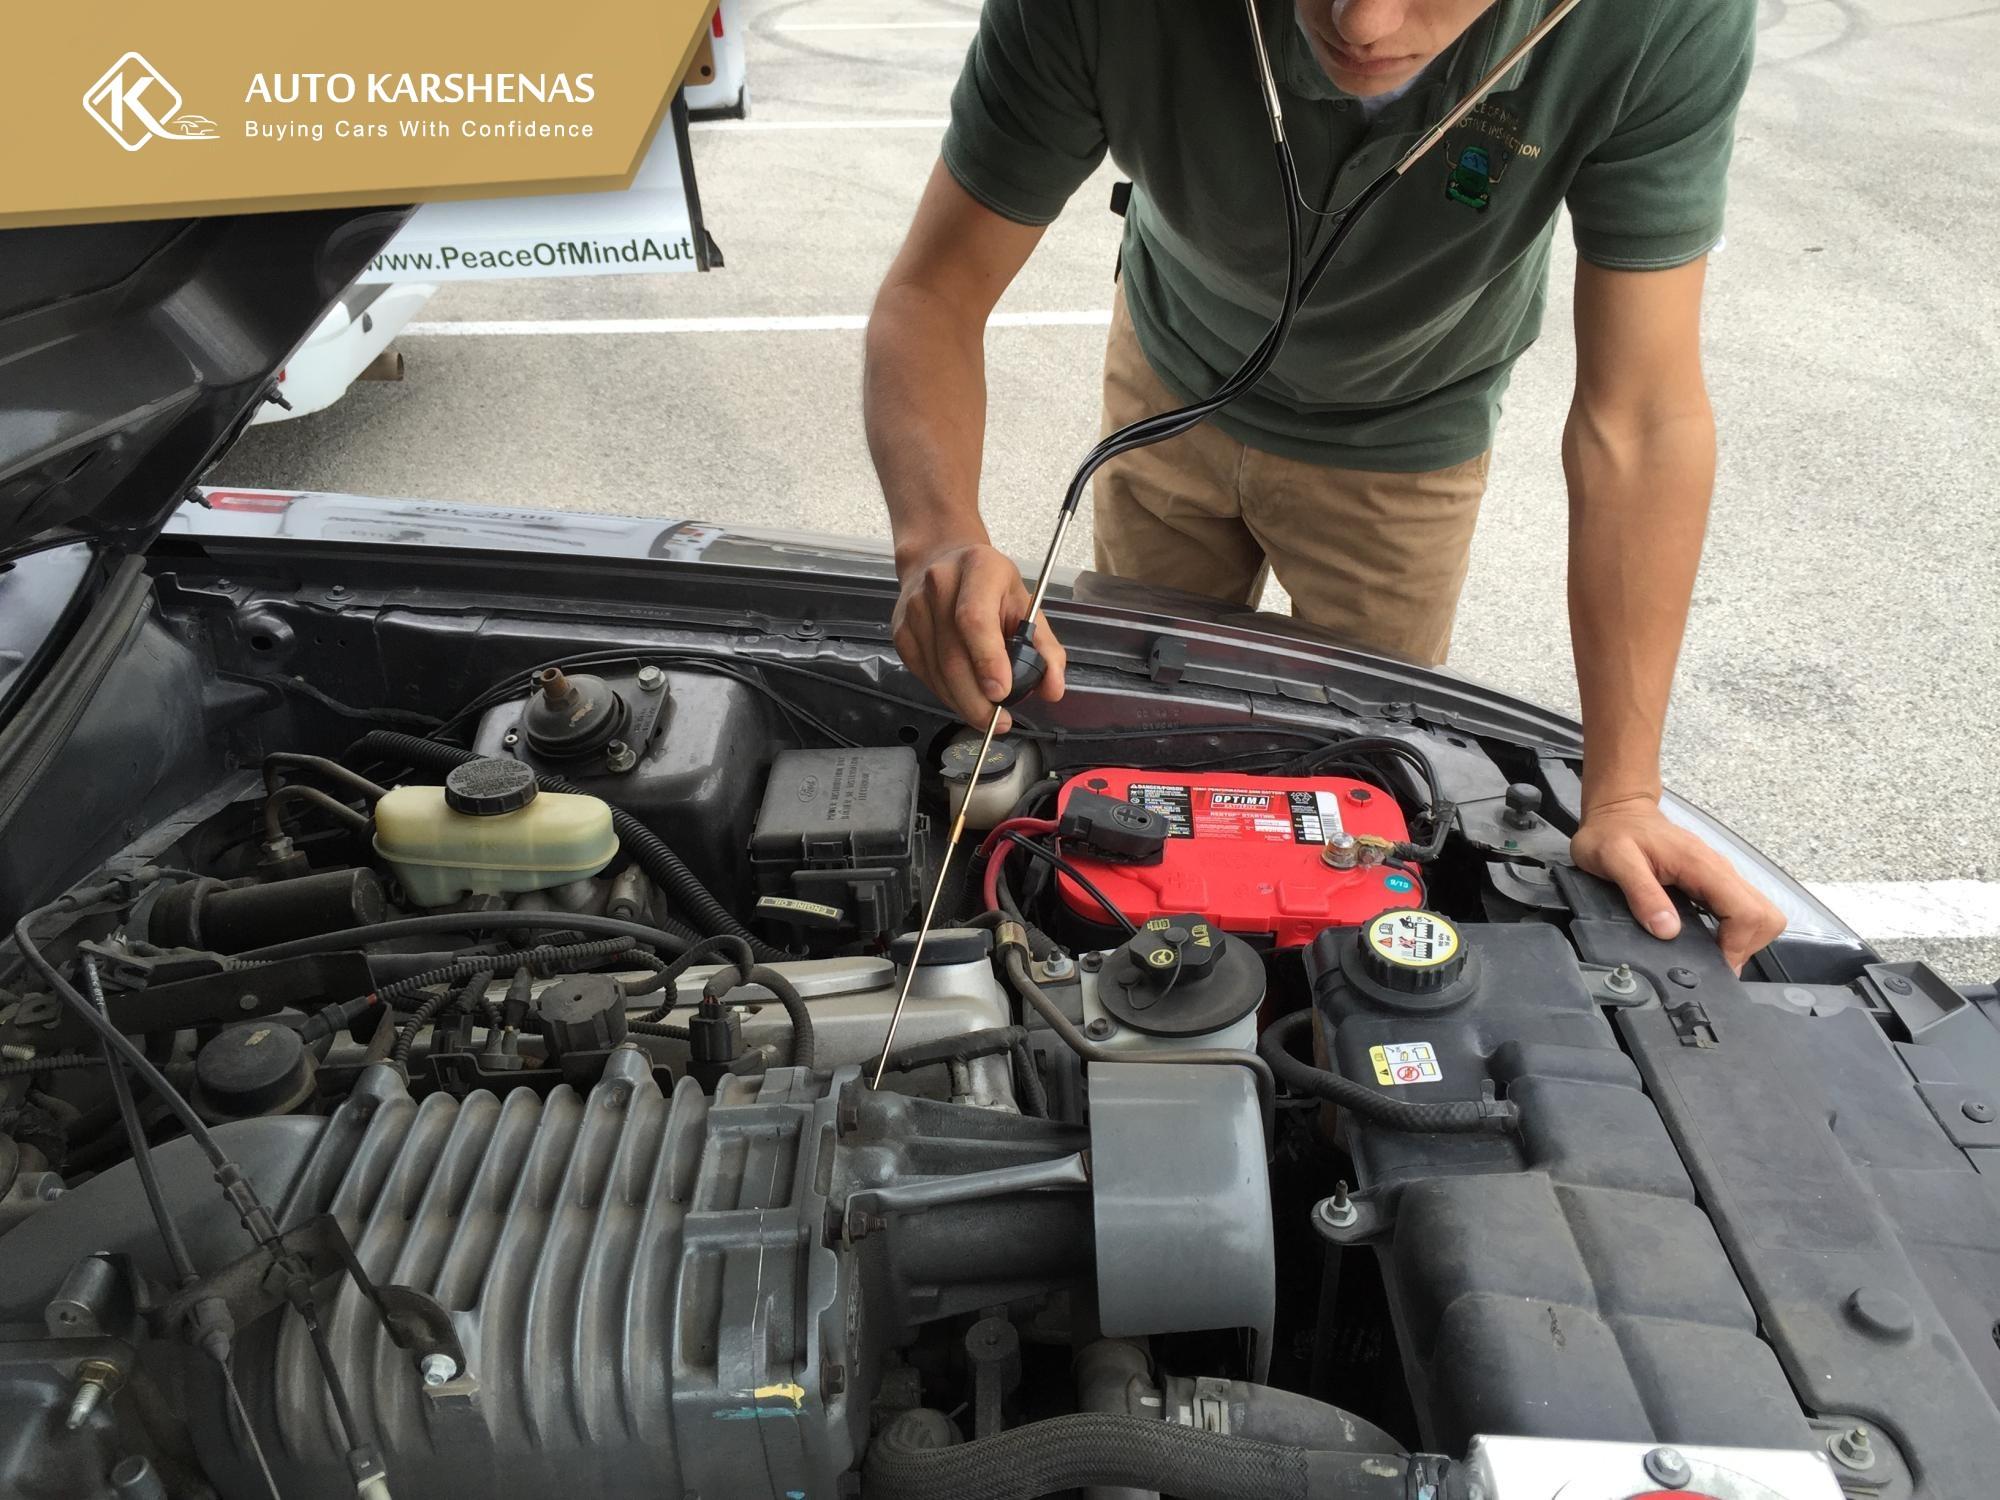 کارشناسی خودرو پیش و پس از خرید